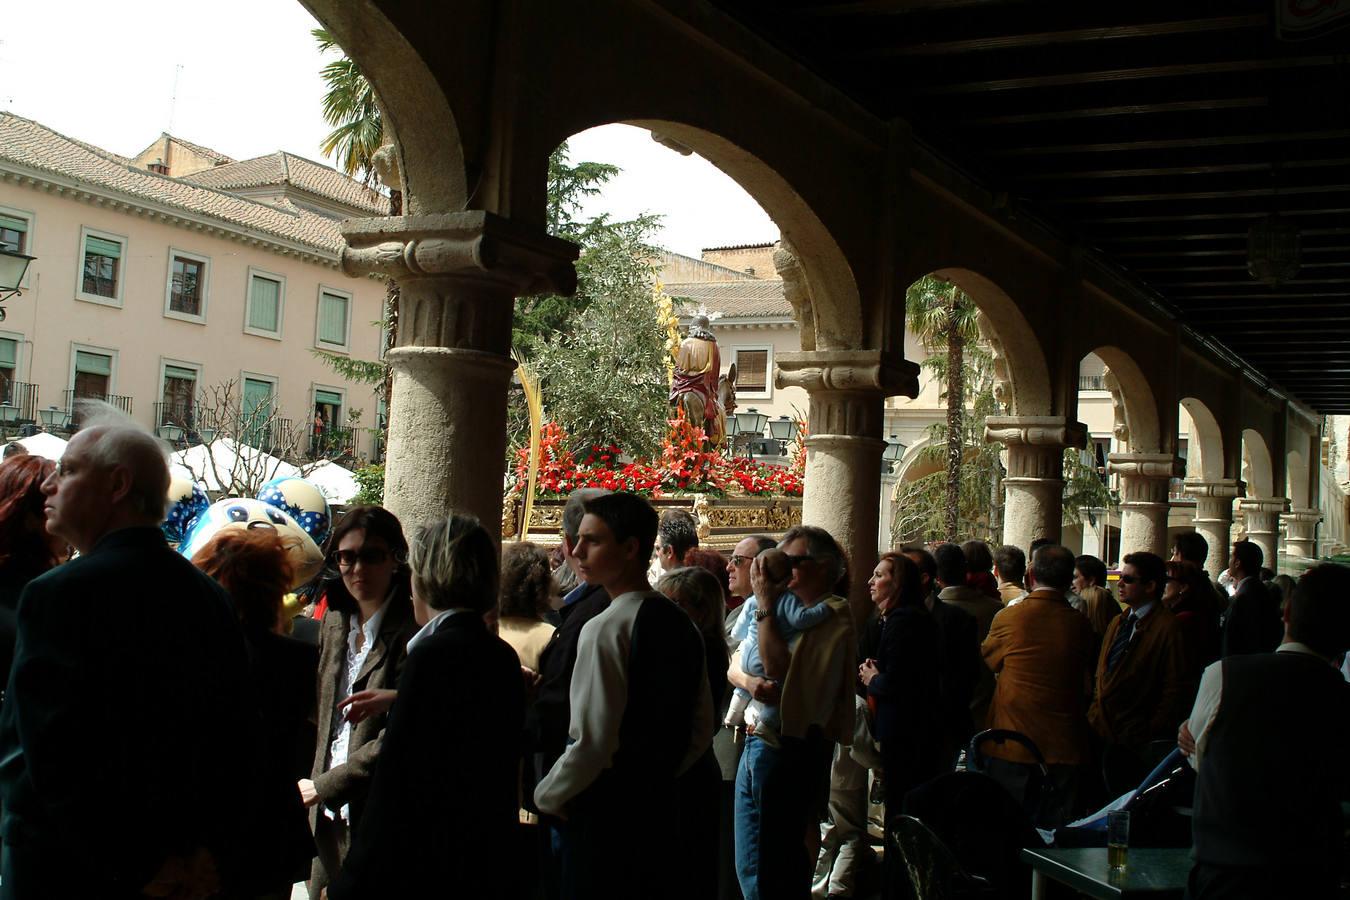 Recuerdos de un Domingo de Ramos en Guadix